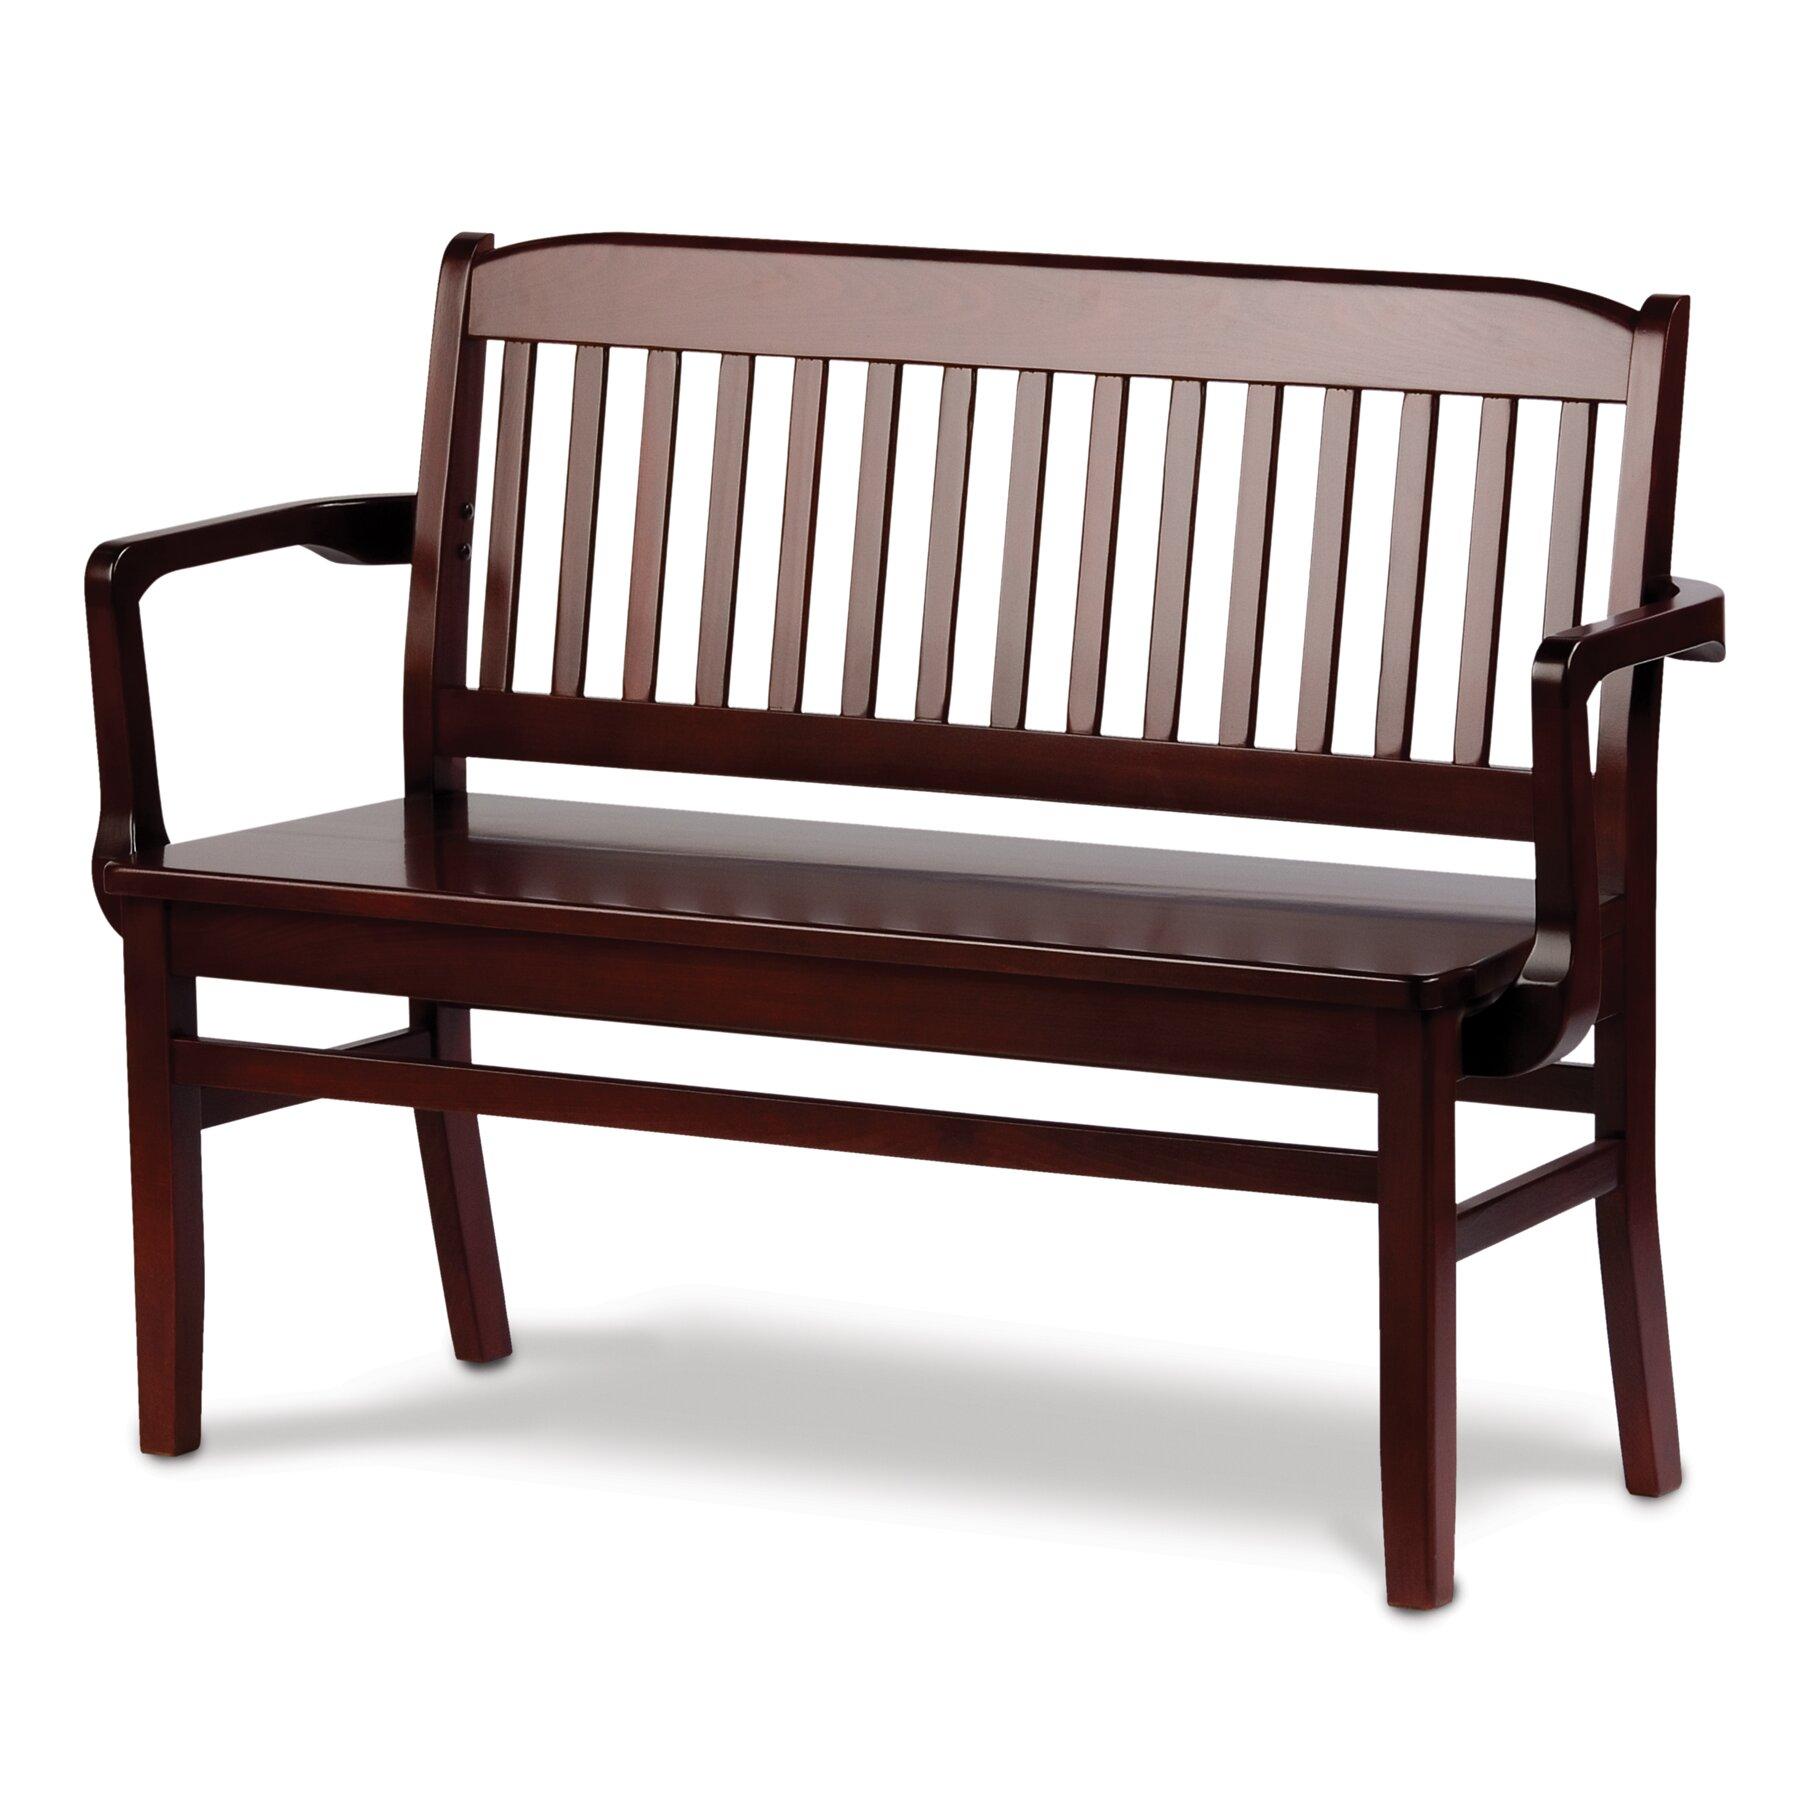 Unique Wood Benches: Holsag Bulldog Small Custom Wood Bench & Reviews